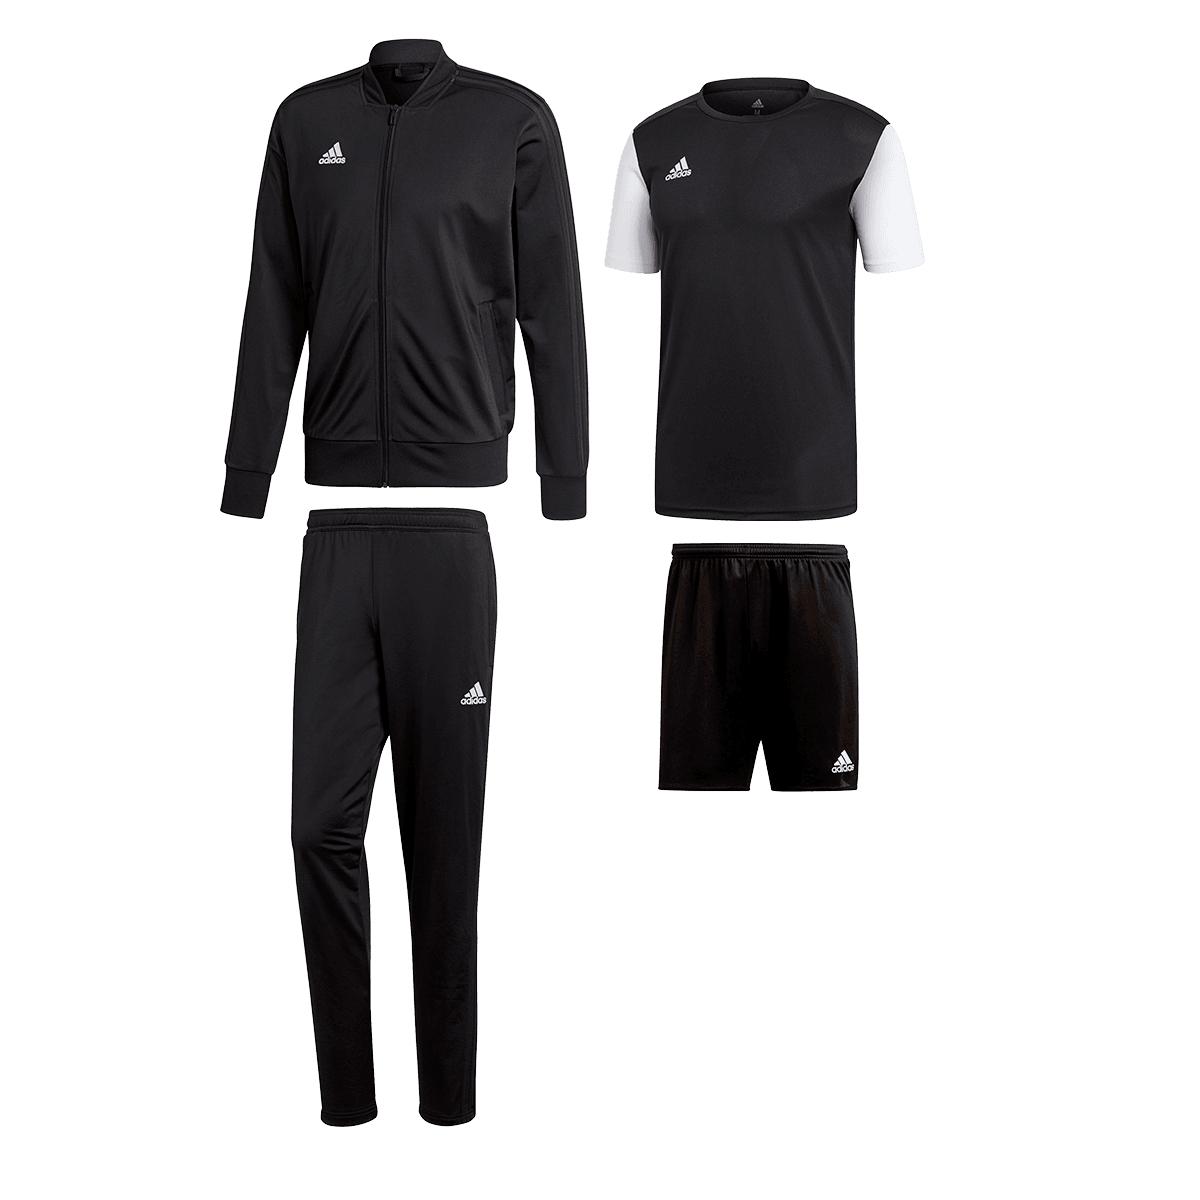 4 częściowy zestaw treningowy Adidas (dres + koszulka + spodenki) @ geomix